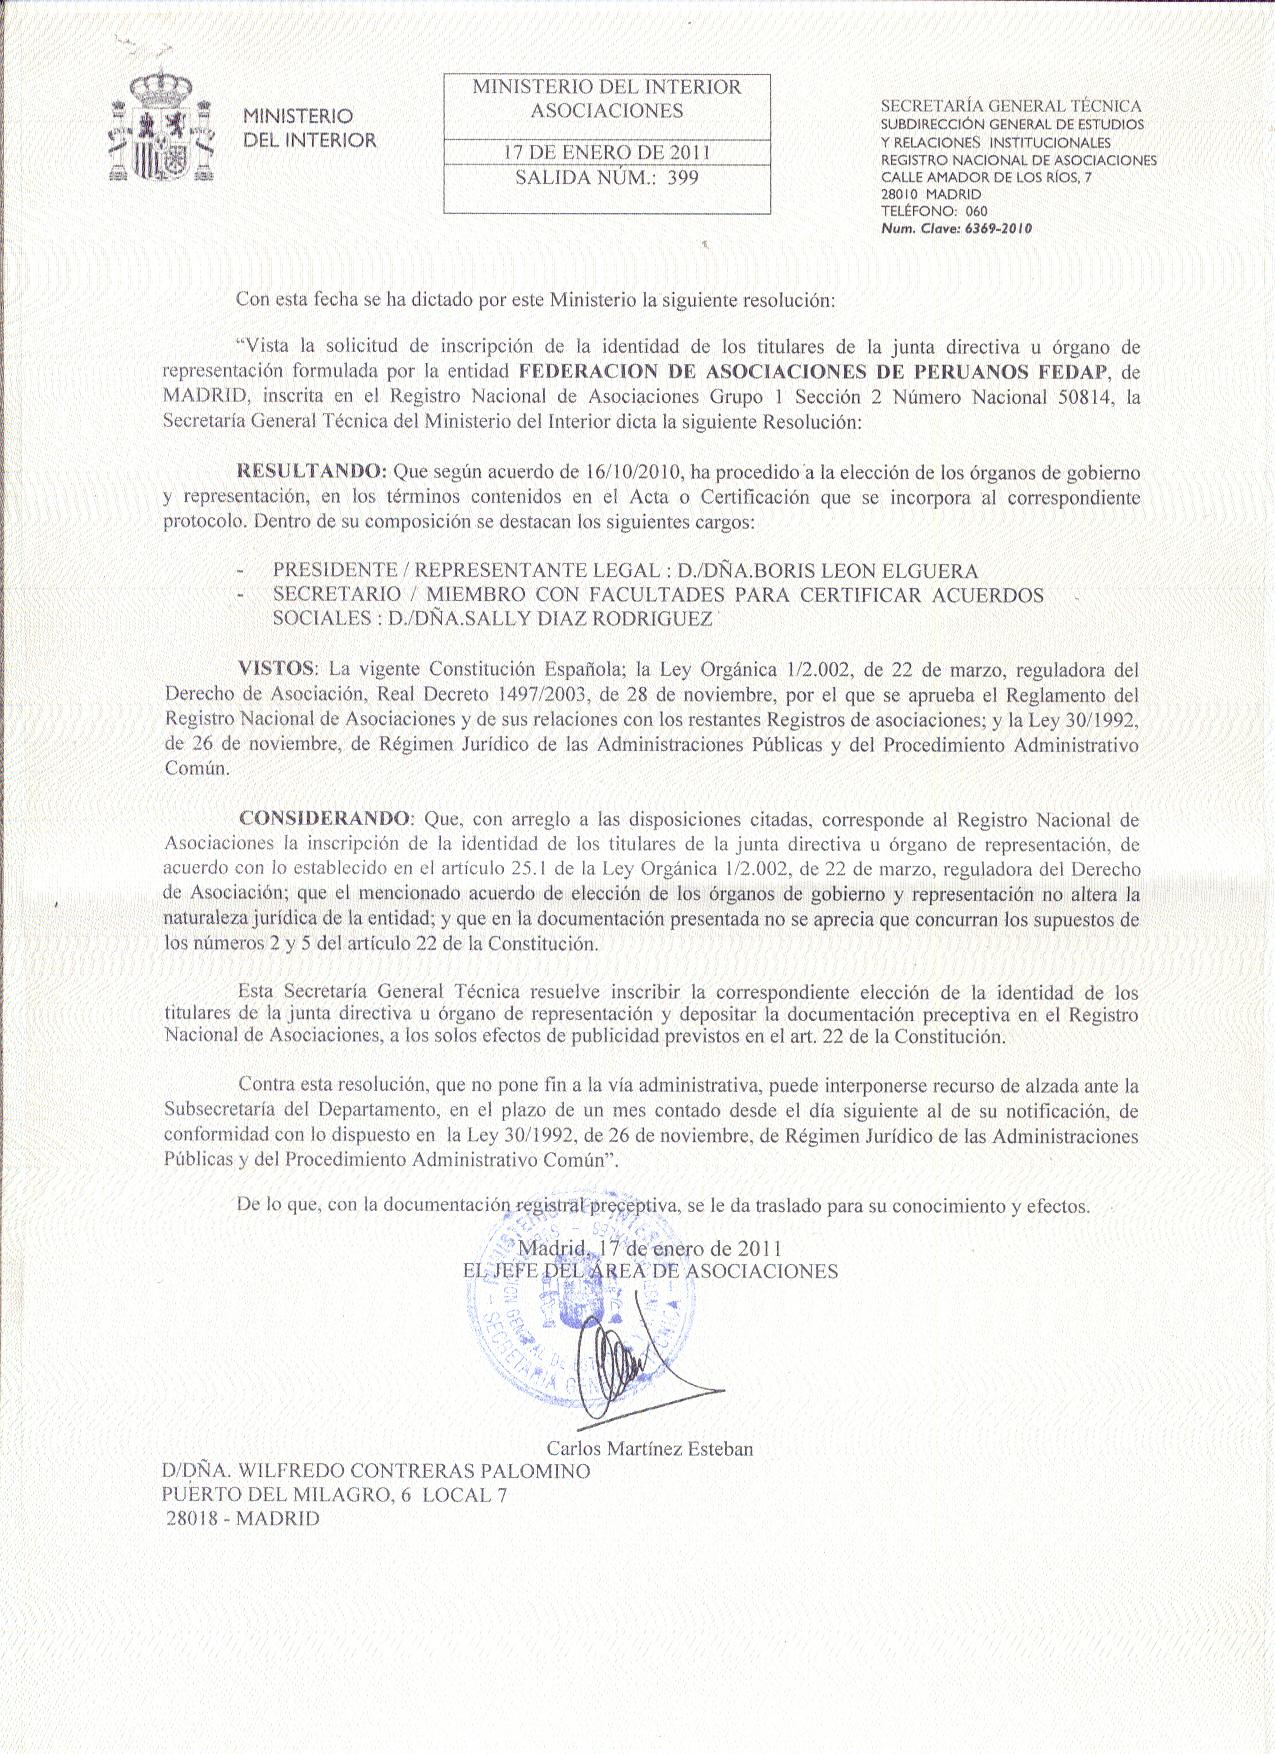 Ministerio del interior reconoce validez de las elecciones for Ministerio del interior spain